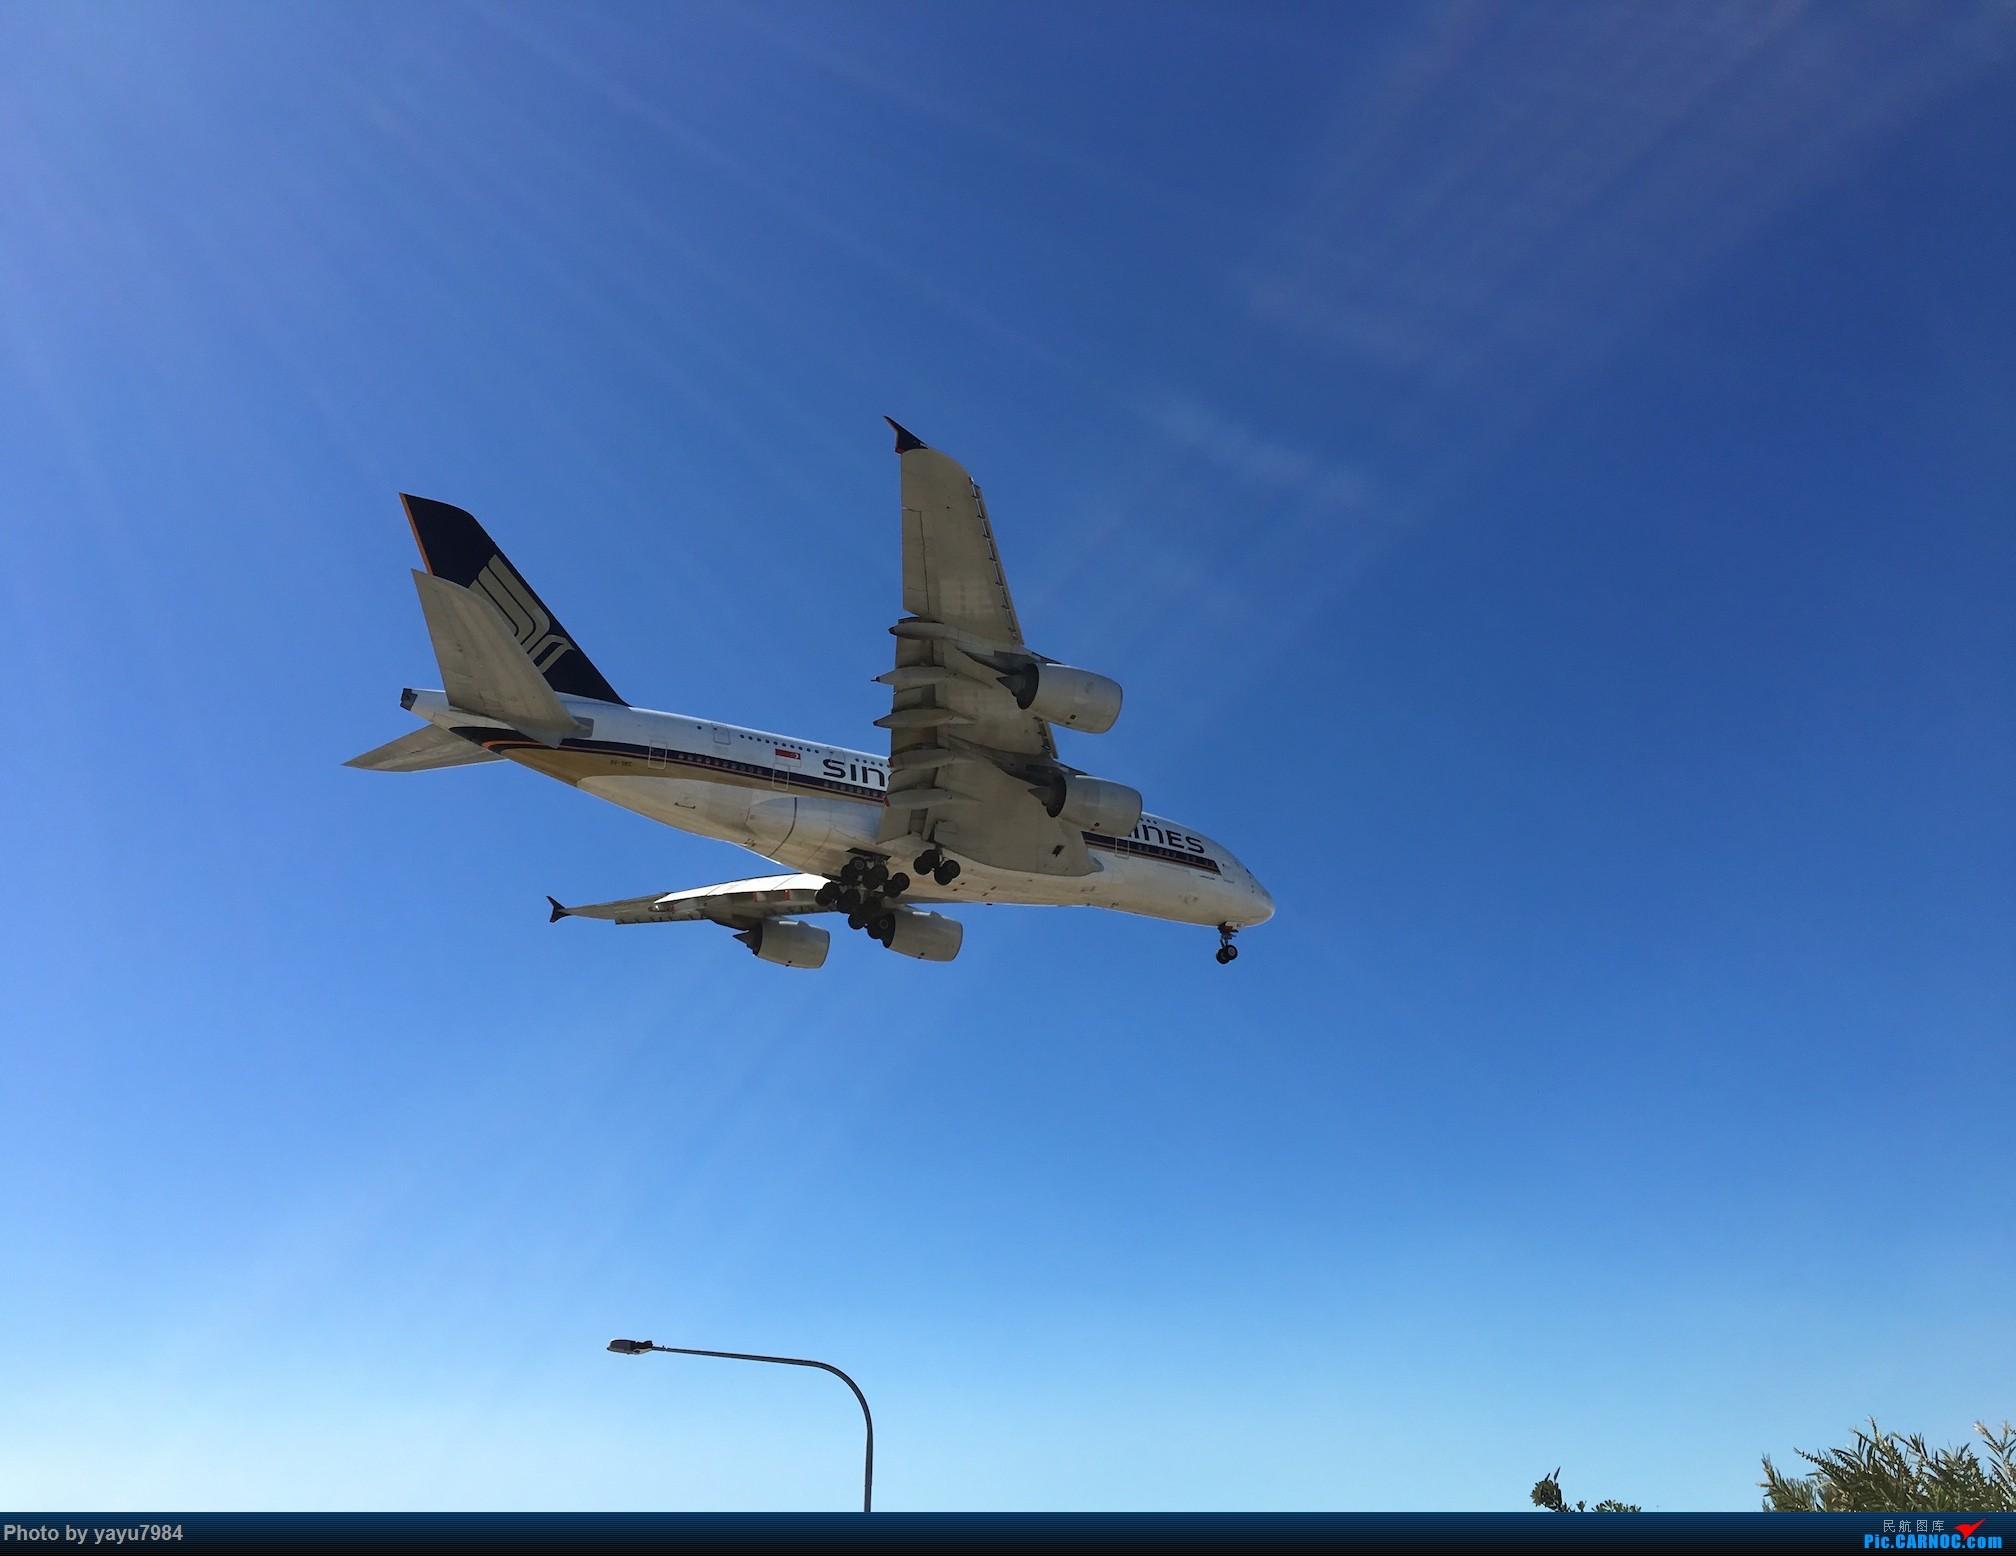 [原创][SYD] 久违的南向起降,纪录16R拍机之行 AIRBUS A380-800 9V-SKC 澳大利亚悉尼金斯福德·史密斯机场